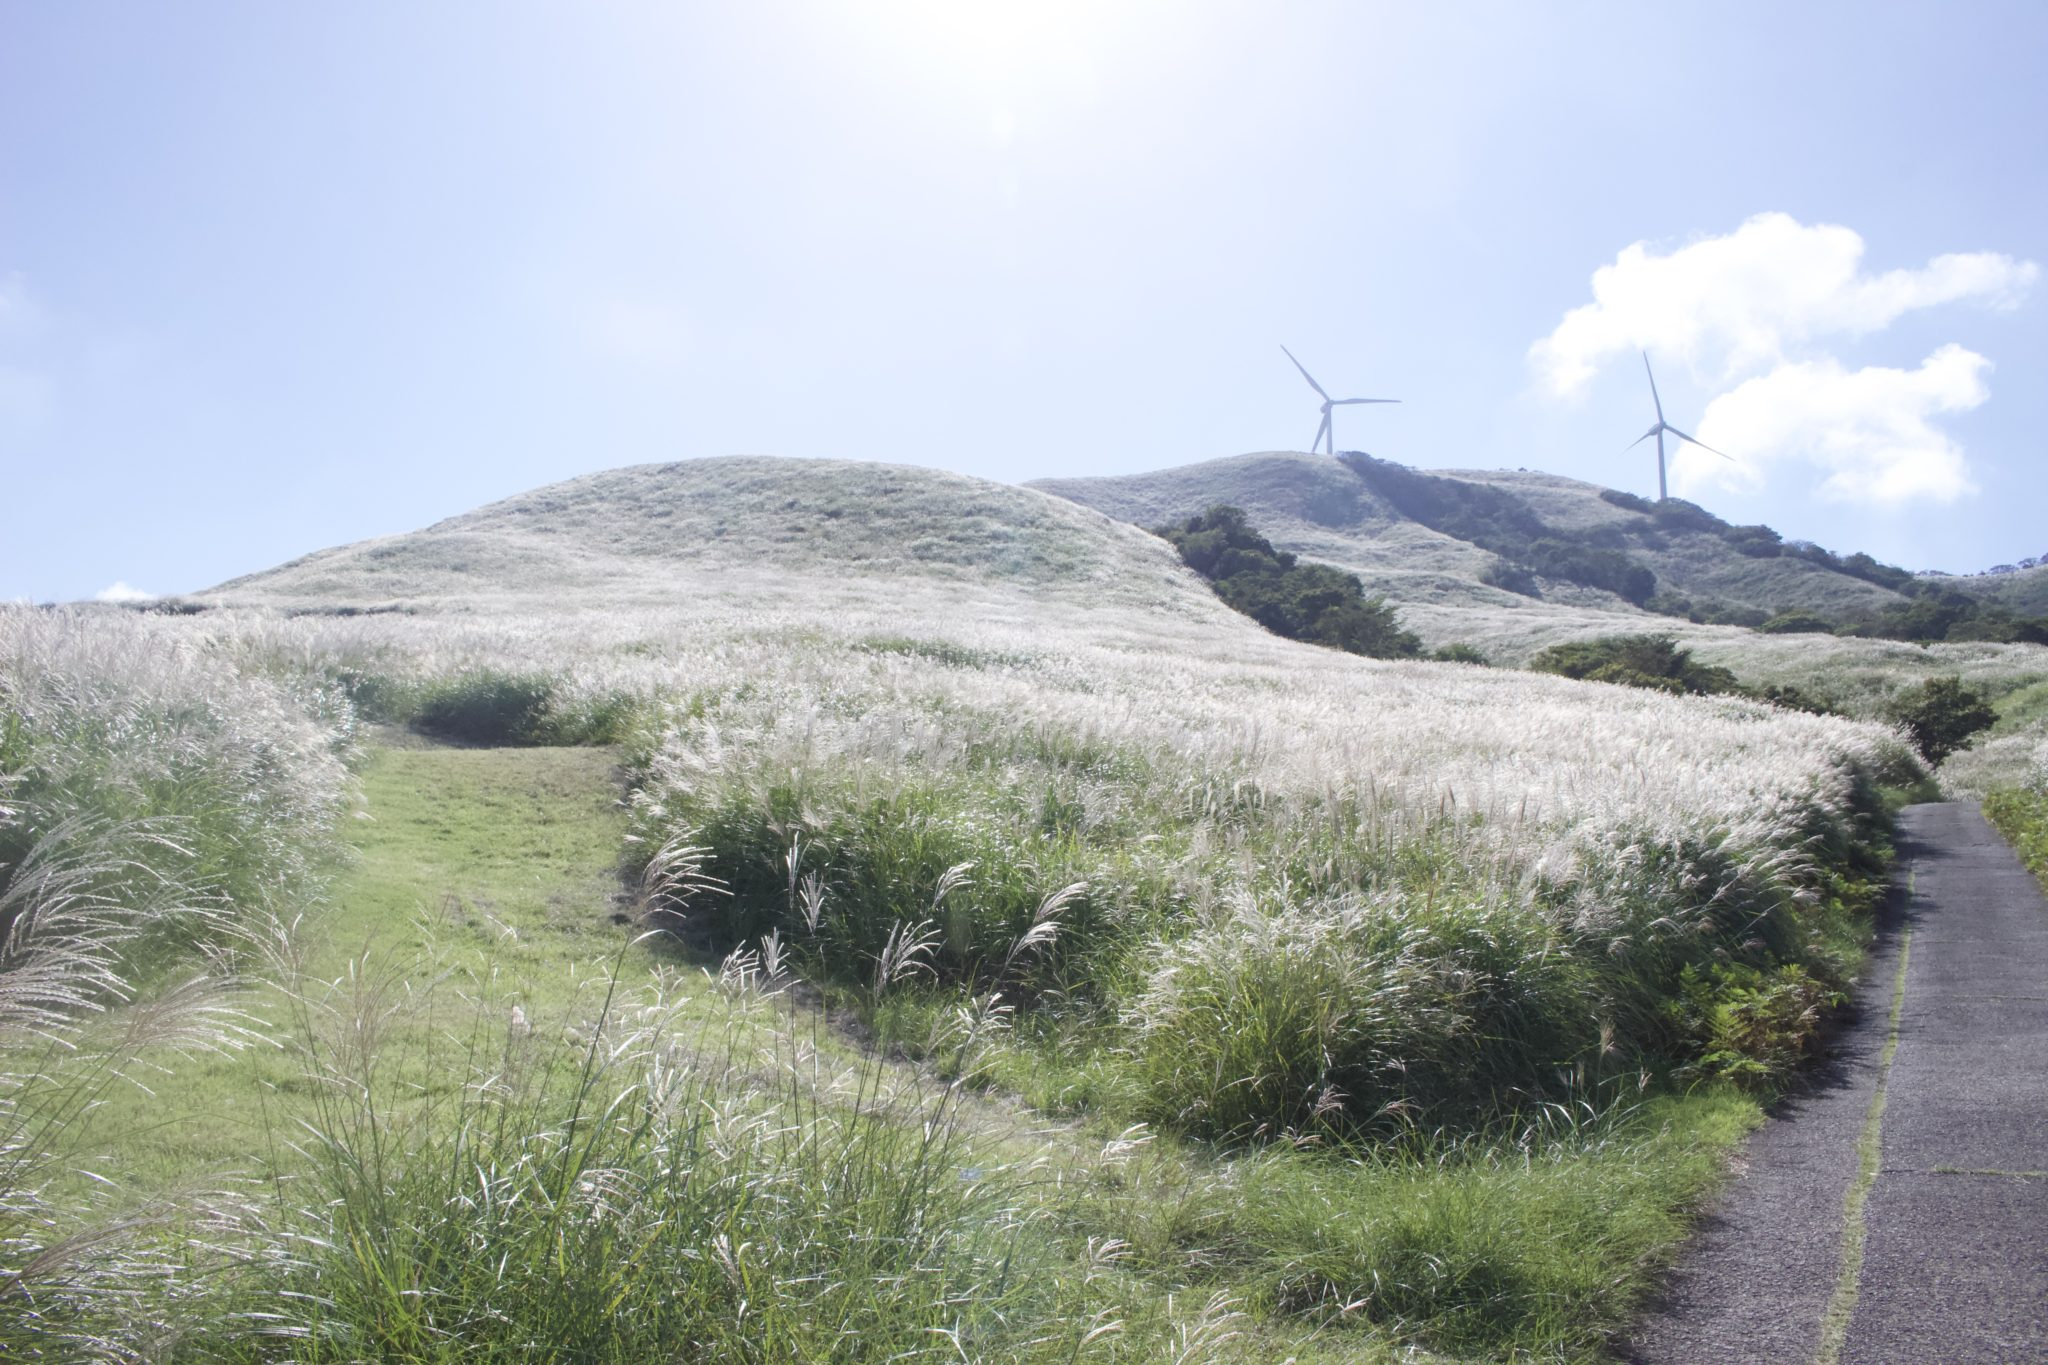 三筋山山頂の目印、風車を目指して